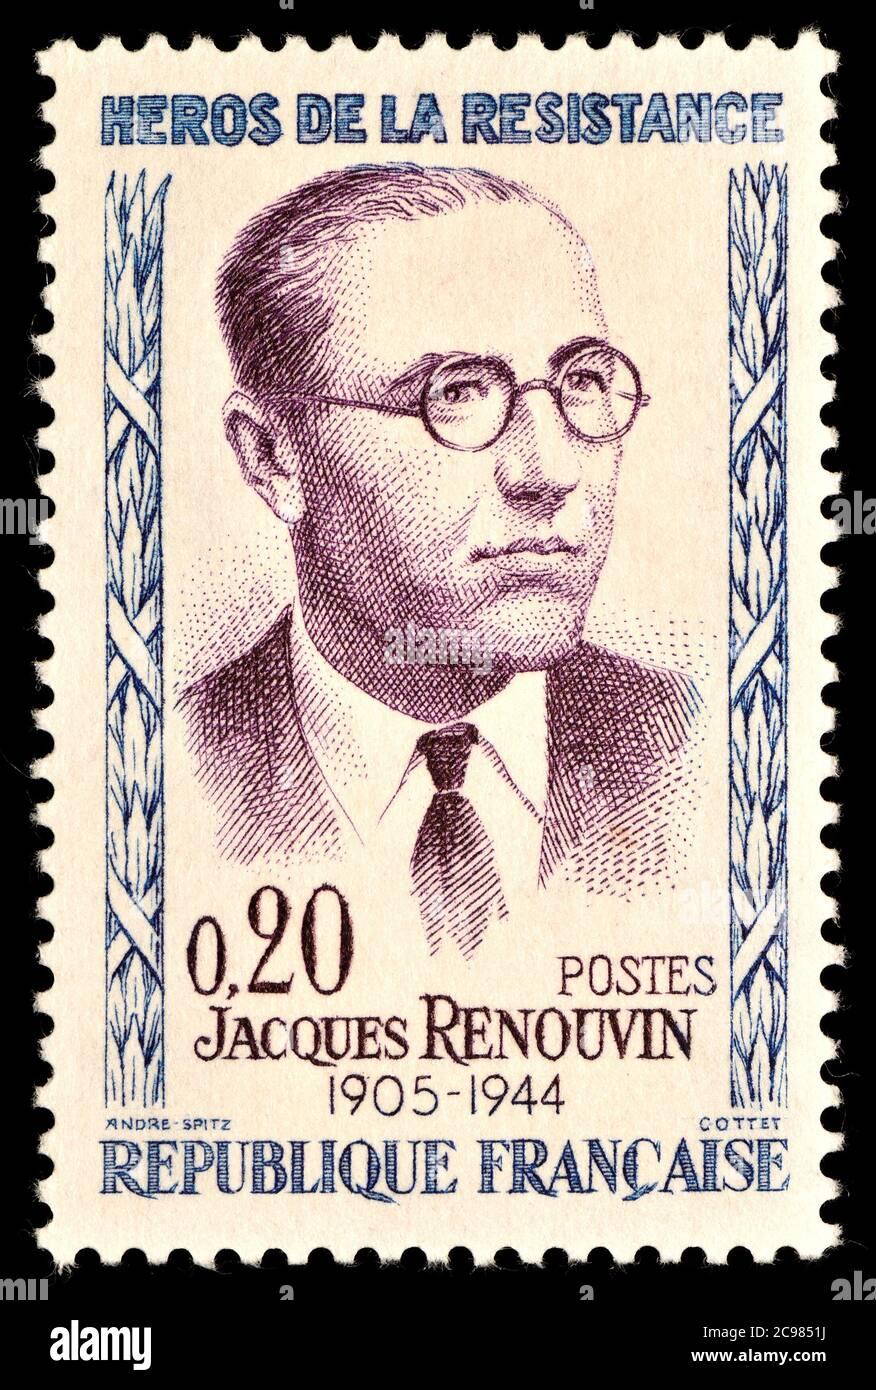 Sello francés (1961) : serie 'Héroes de la resistencia' - Jacques Renouvin (1905-44) abogado y militante realista durante la Segunda Guerra Mundial. Foto de stock